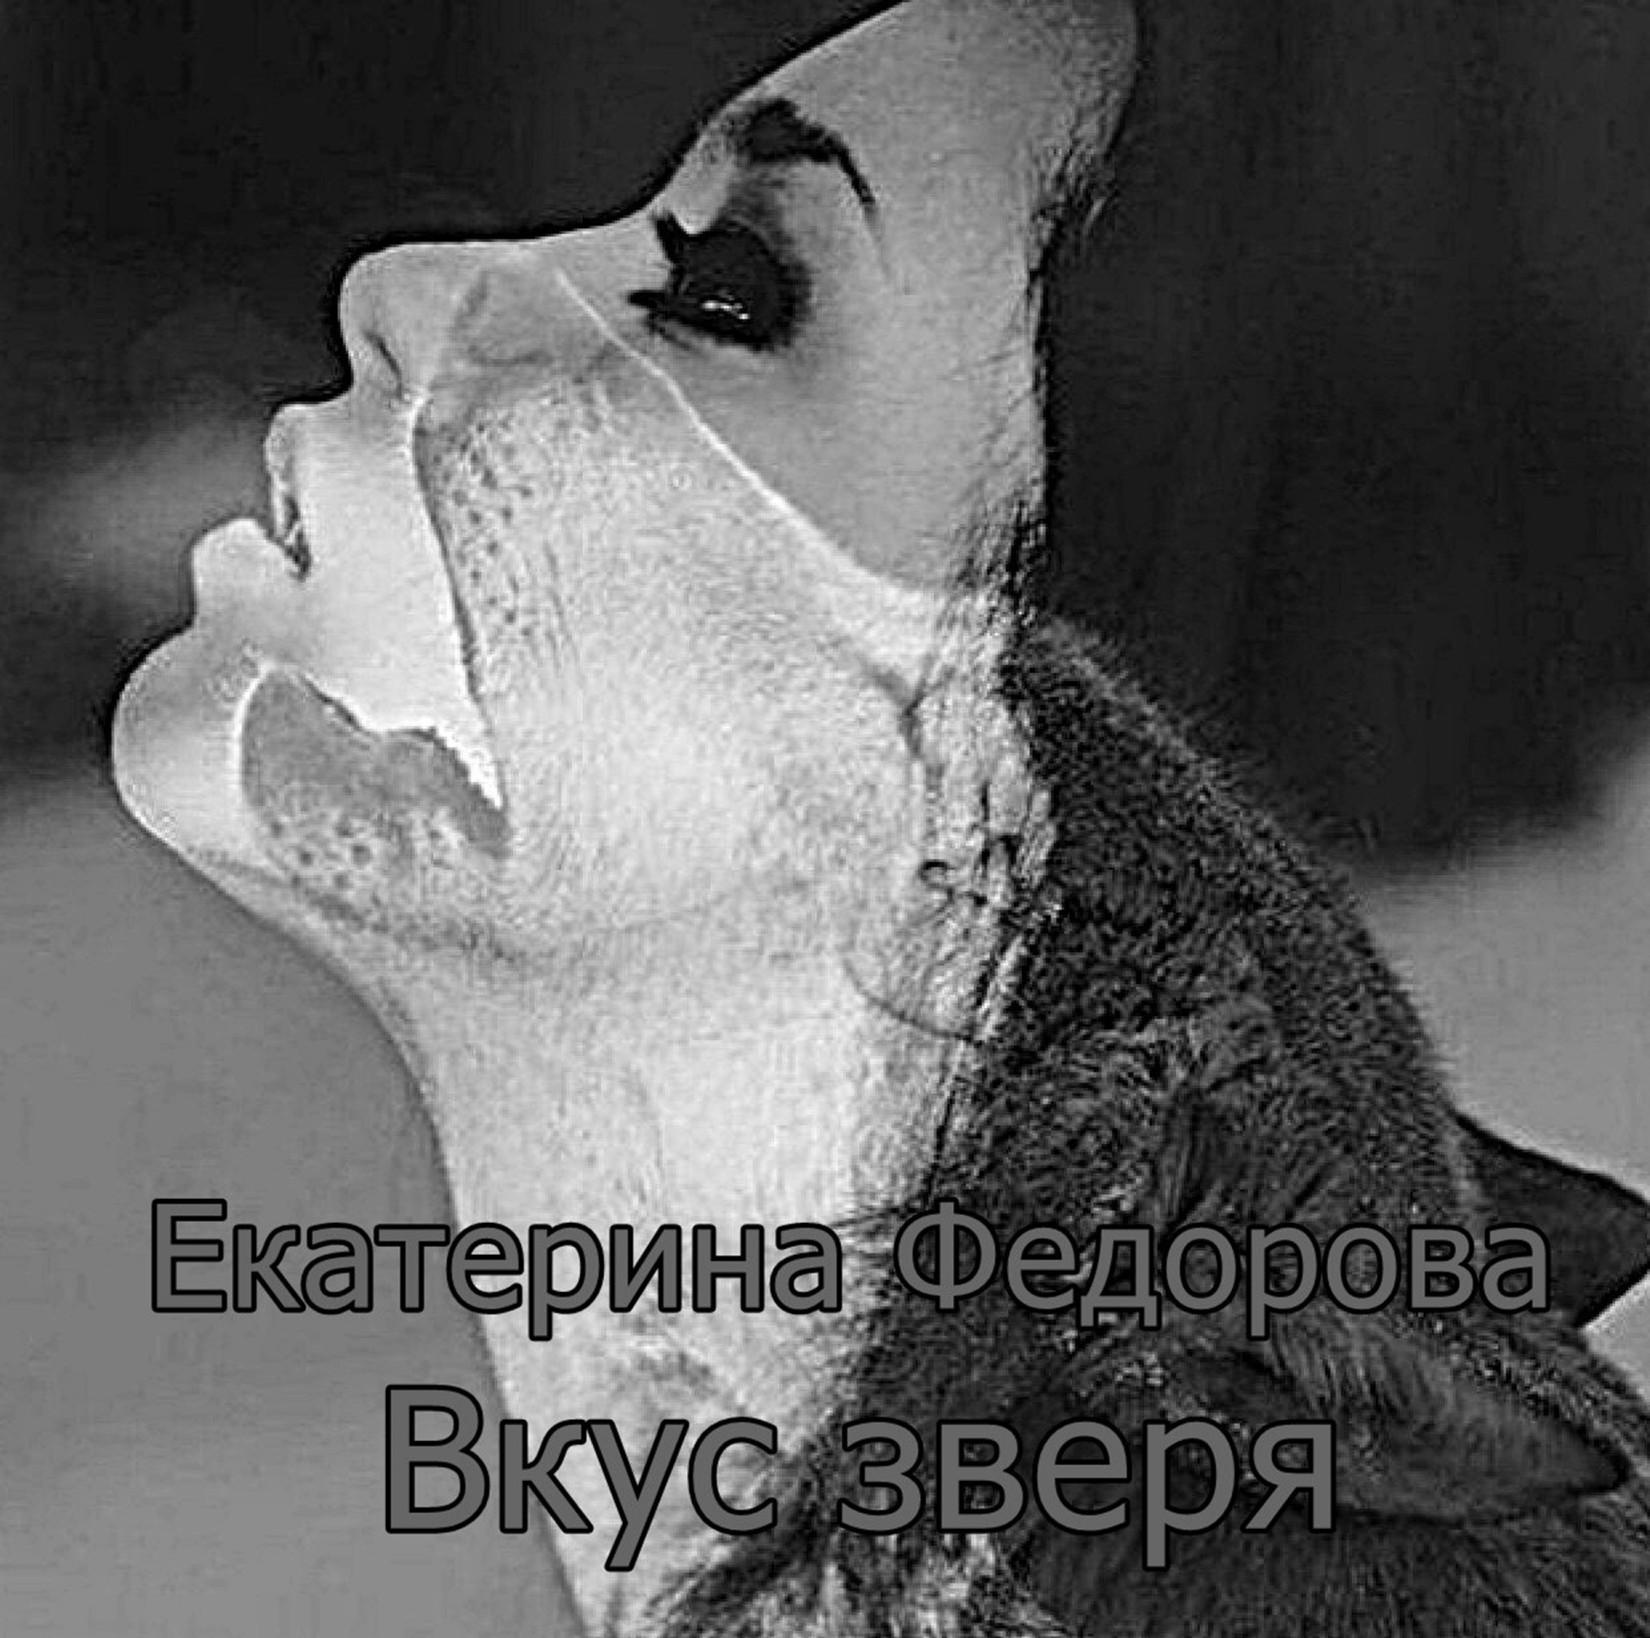 Екатерина Владимировна Федорова Вкус зверя екатерина владимировна федорова пробуждение зверя